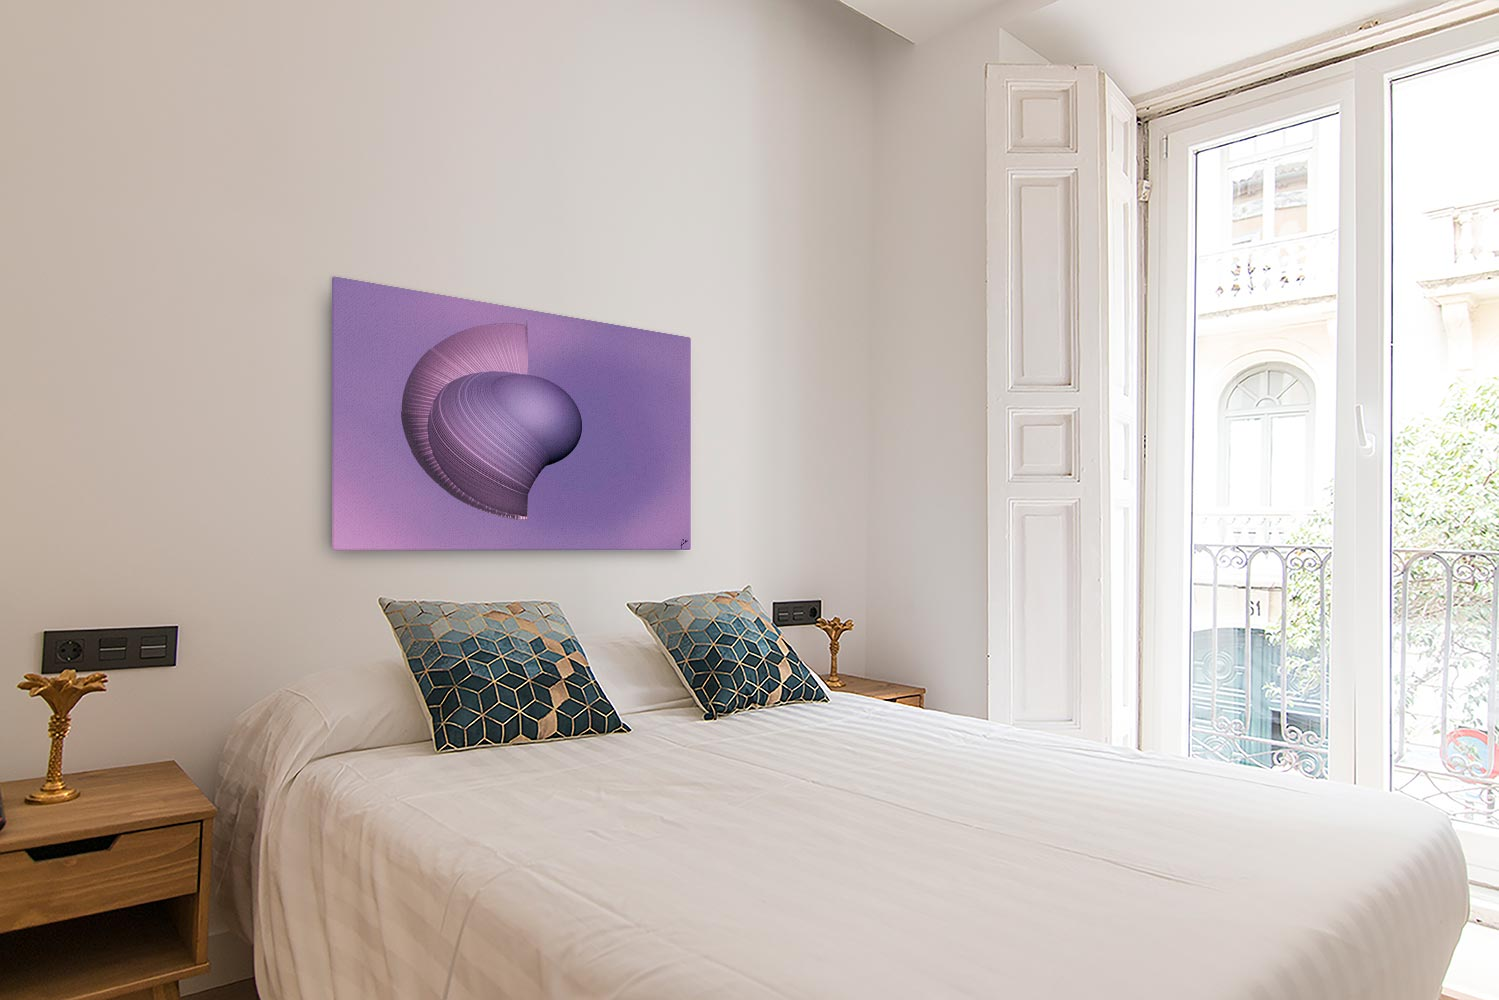 Reproducción de arte en lienzo - dormitorio con balcón - Guerrero Argarico - Diseño Digital - Abstracto - Fotografía y Pintura -pintado por Fuli